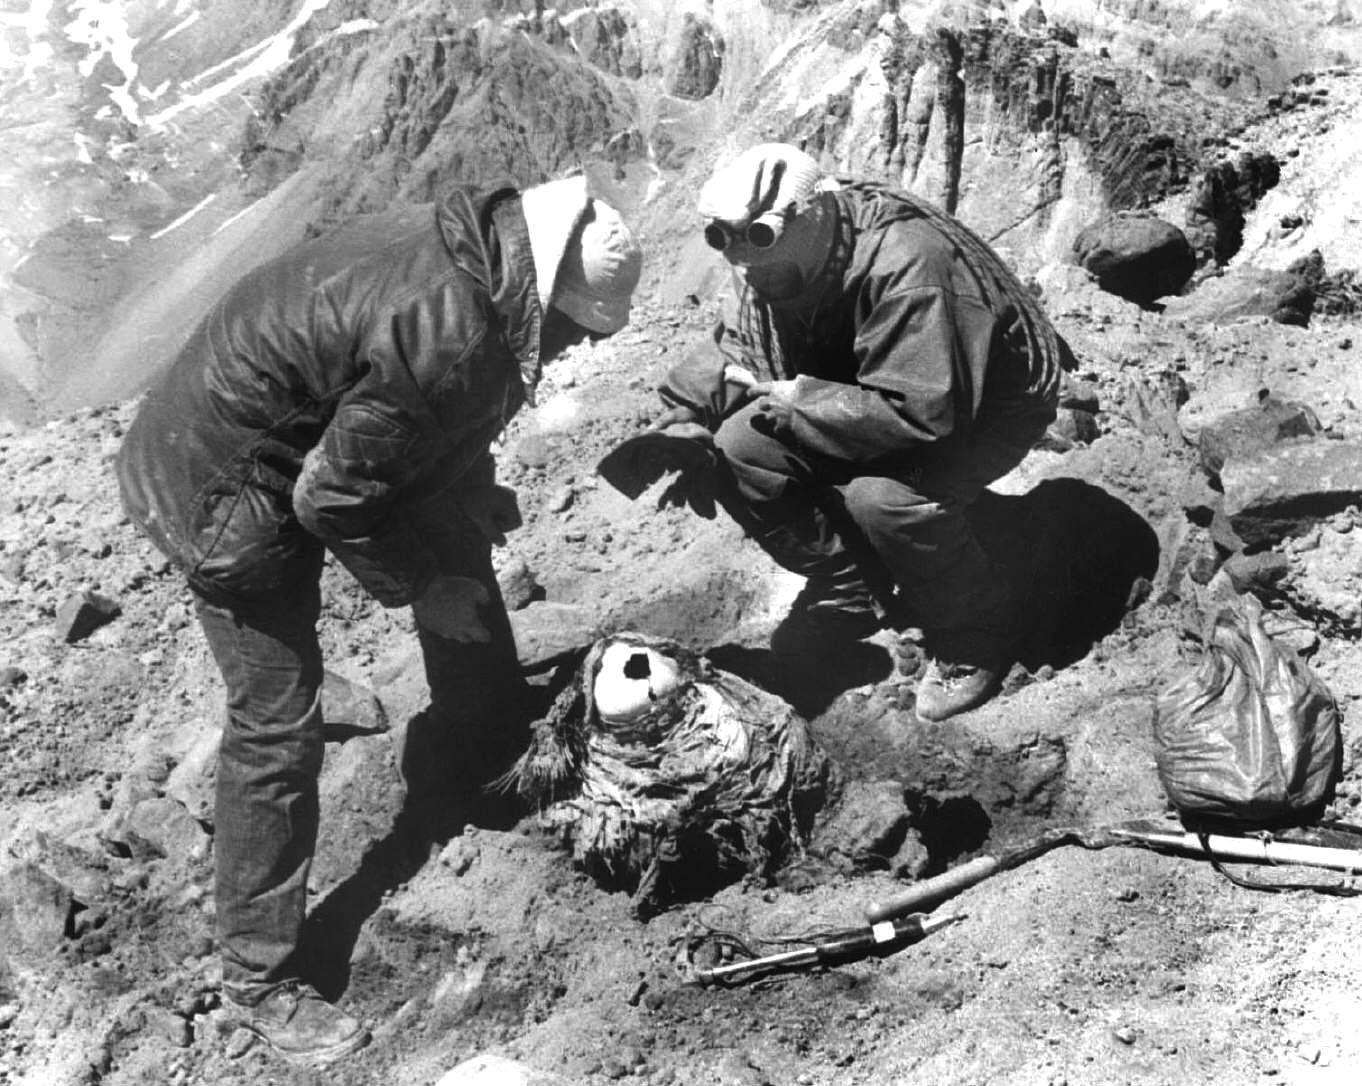 Il momento del ritrovamento del corpo mummificato del bimbo di 8 anni sul Cerro de Aconcagua, avvenuto l'8 gennaio del 1985 (da Schobinger, 1998, fig. 12, p. 376)